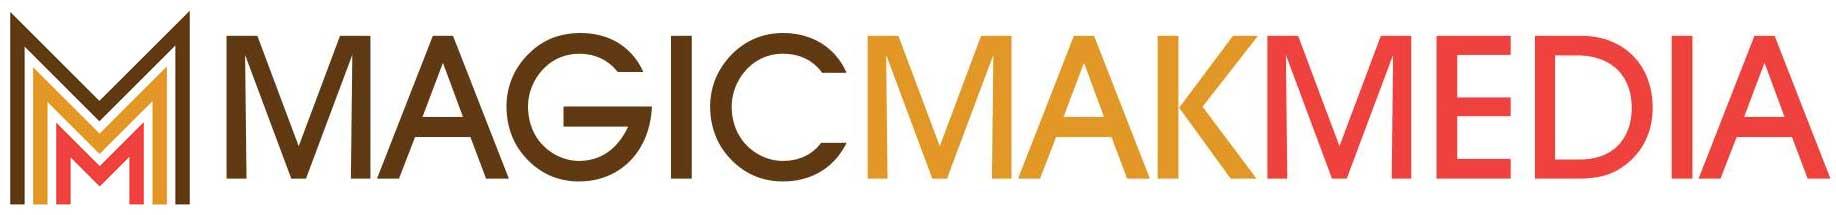 Magic Mak Media